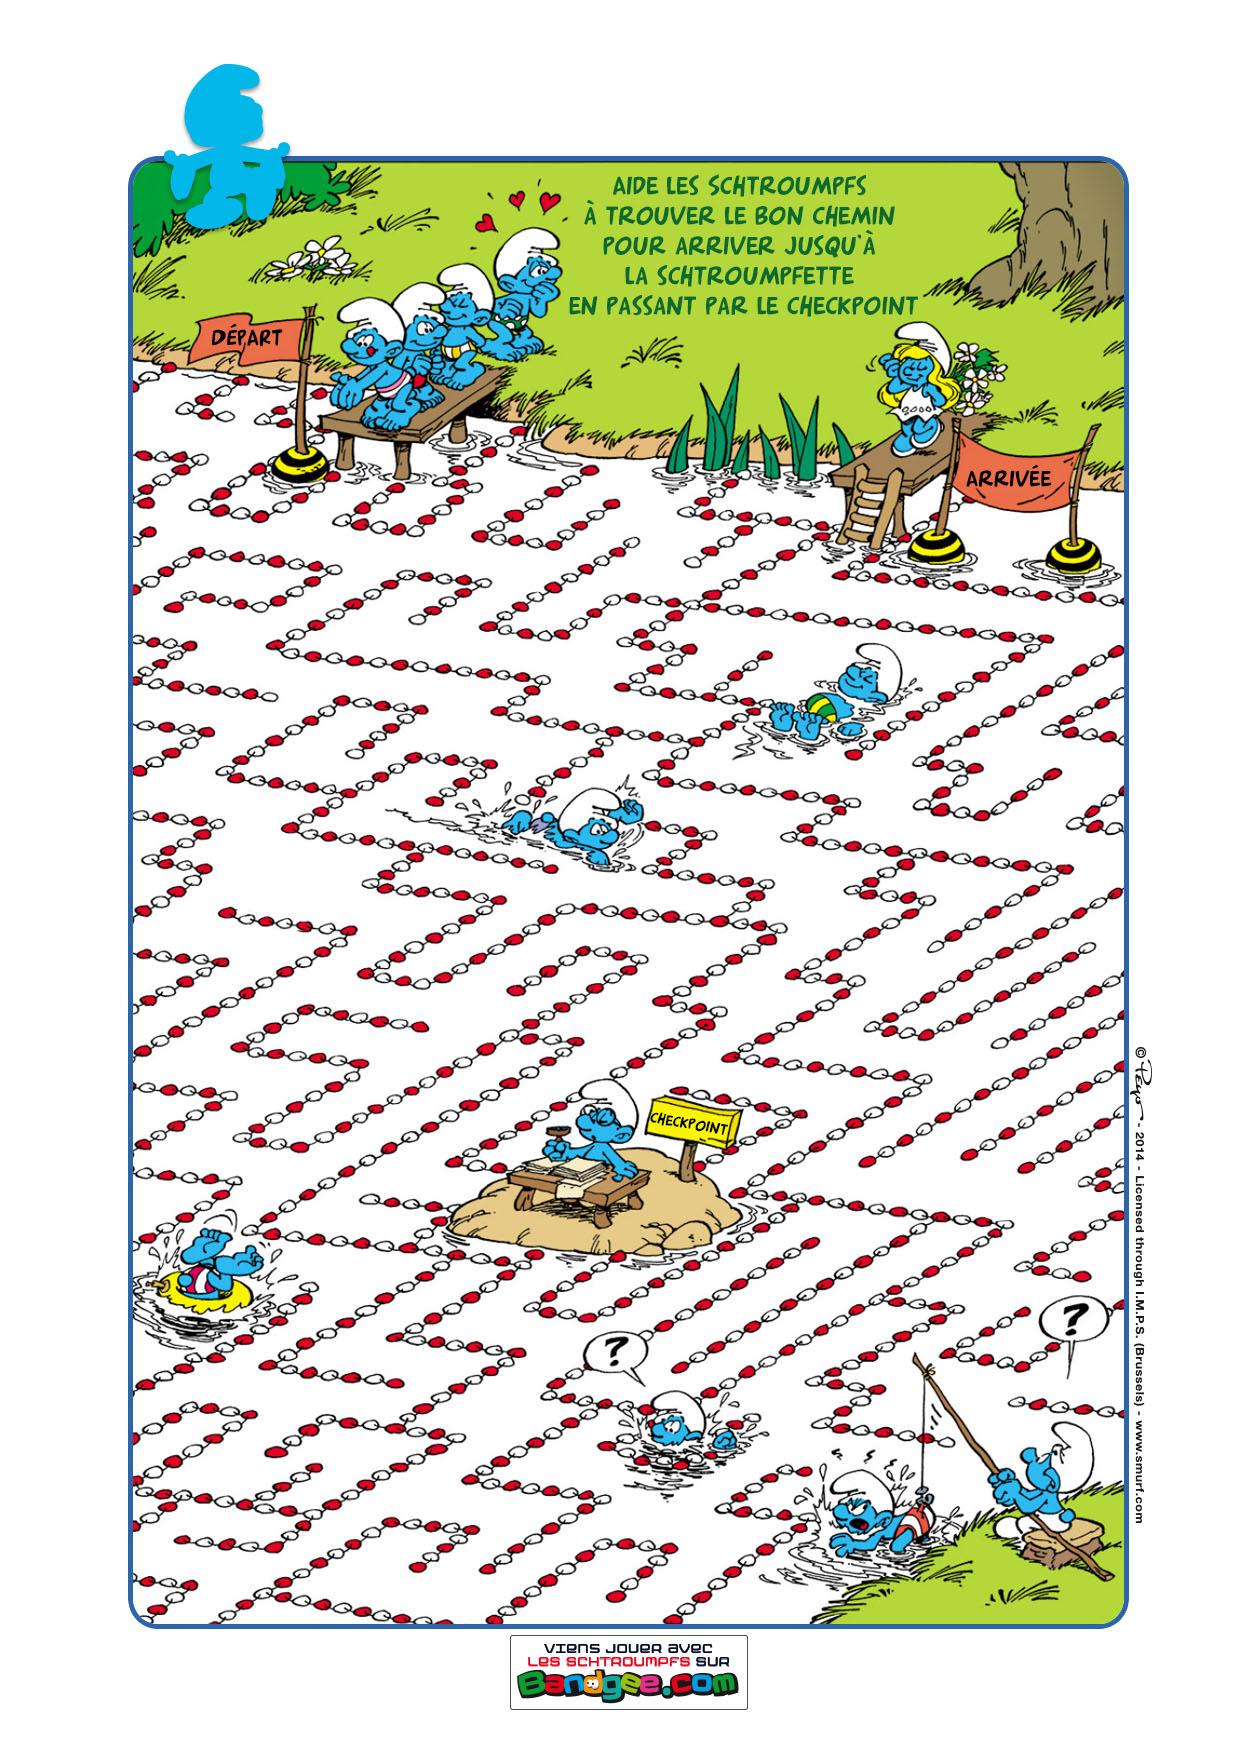 Jeux imprimer les schtroumpfs labyrinthe - Jeu labyrinthe a imprimer ...